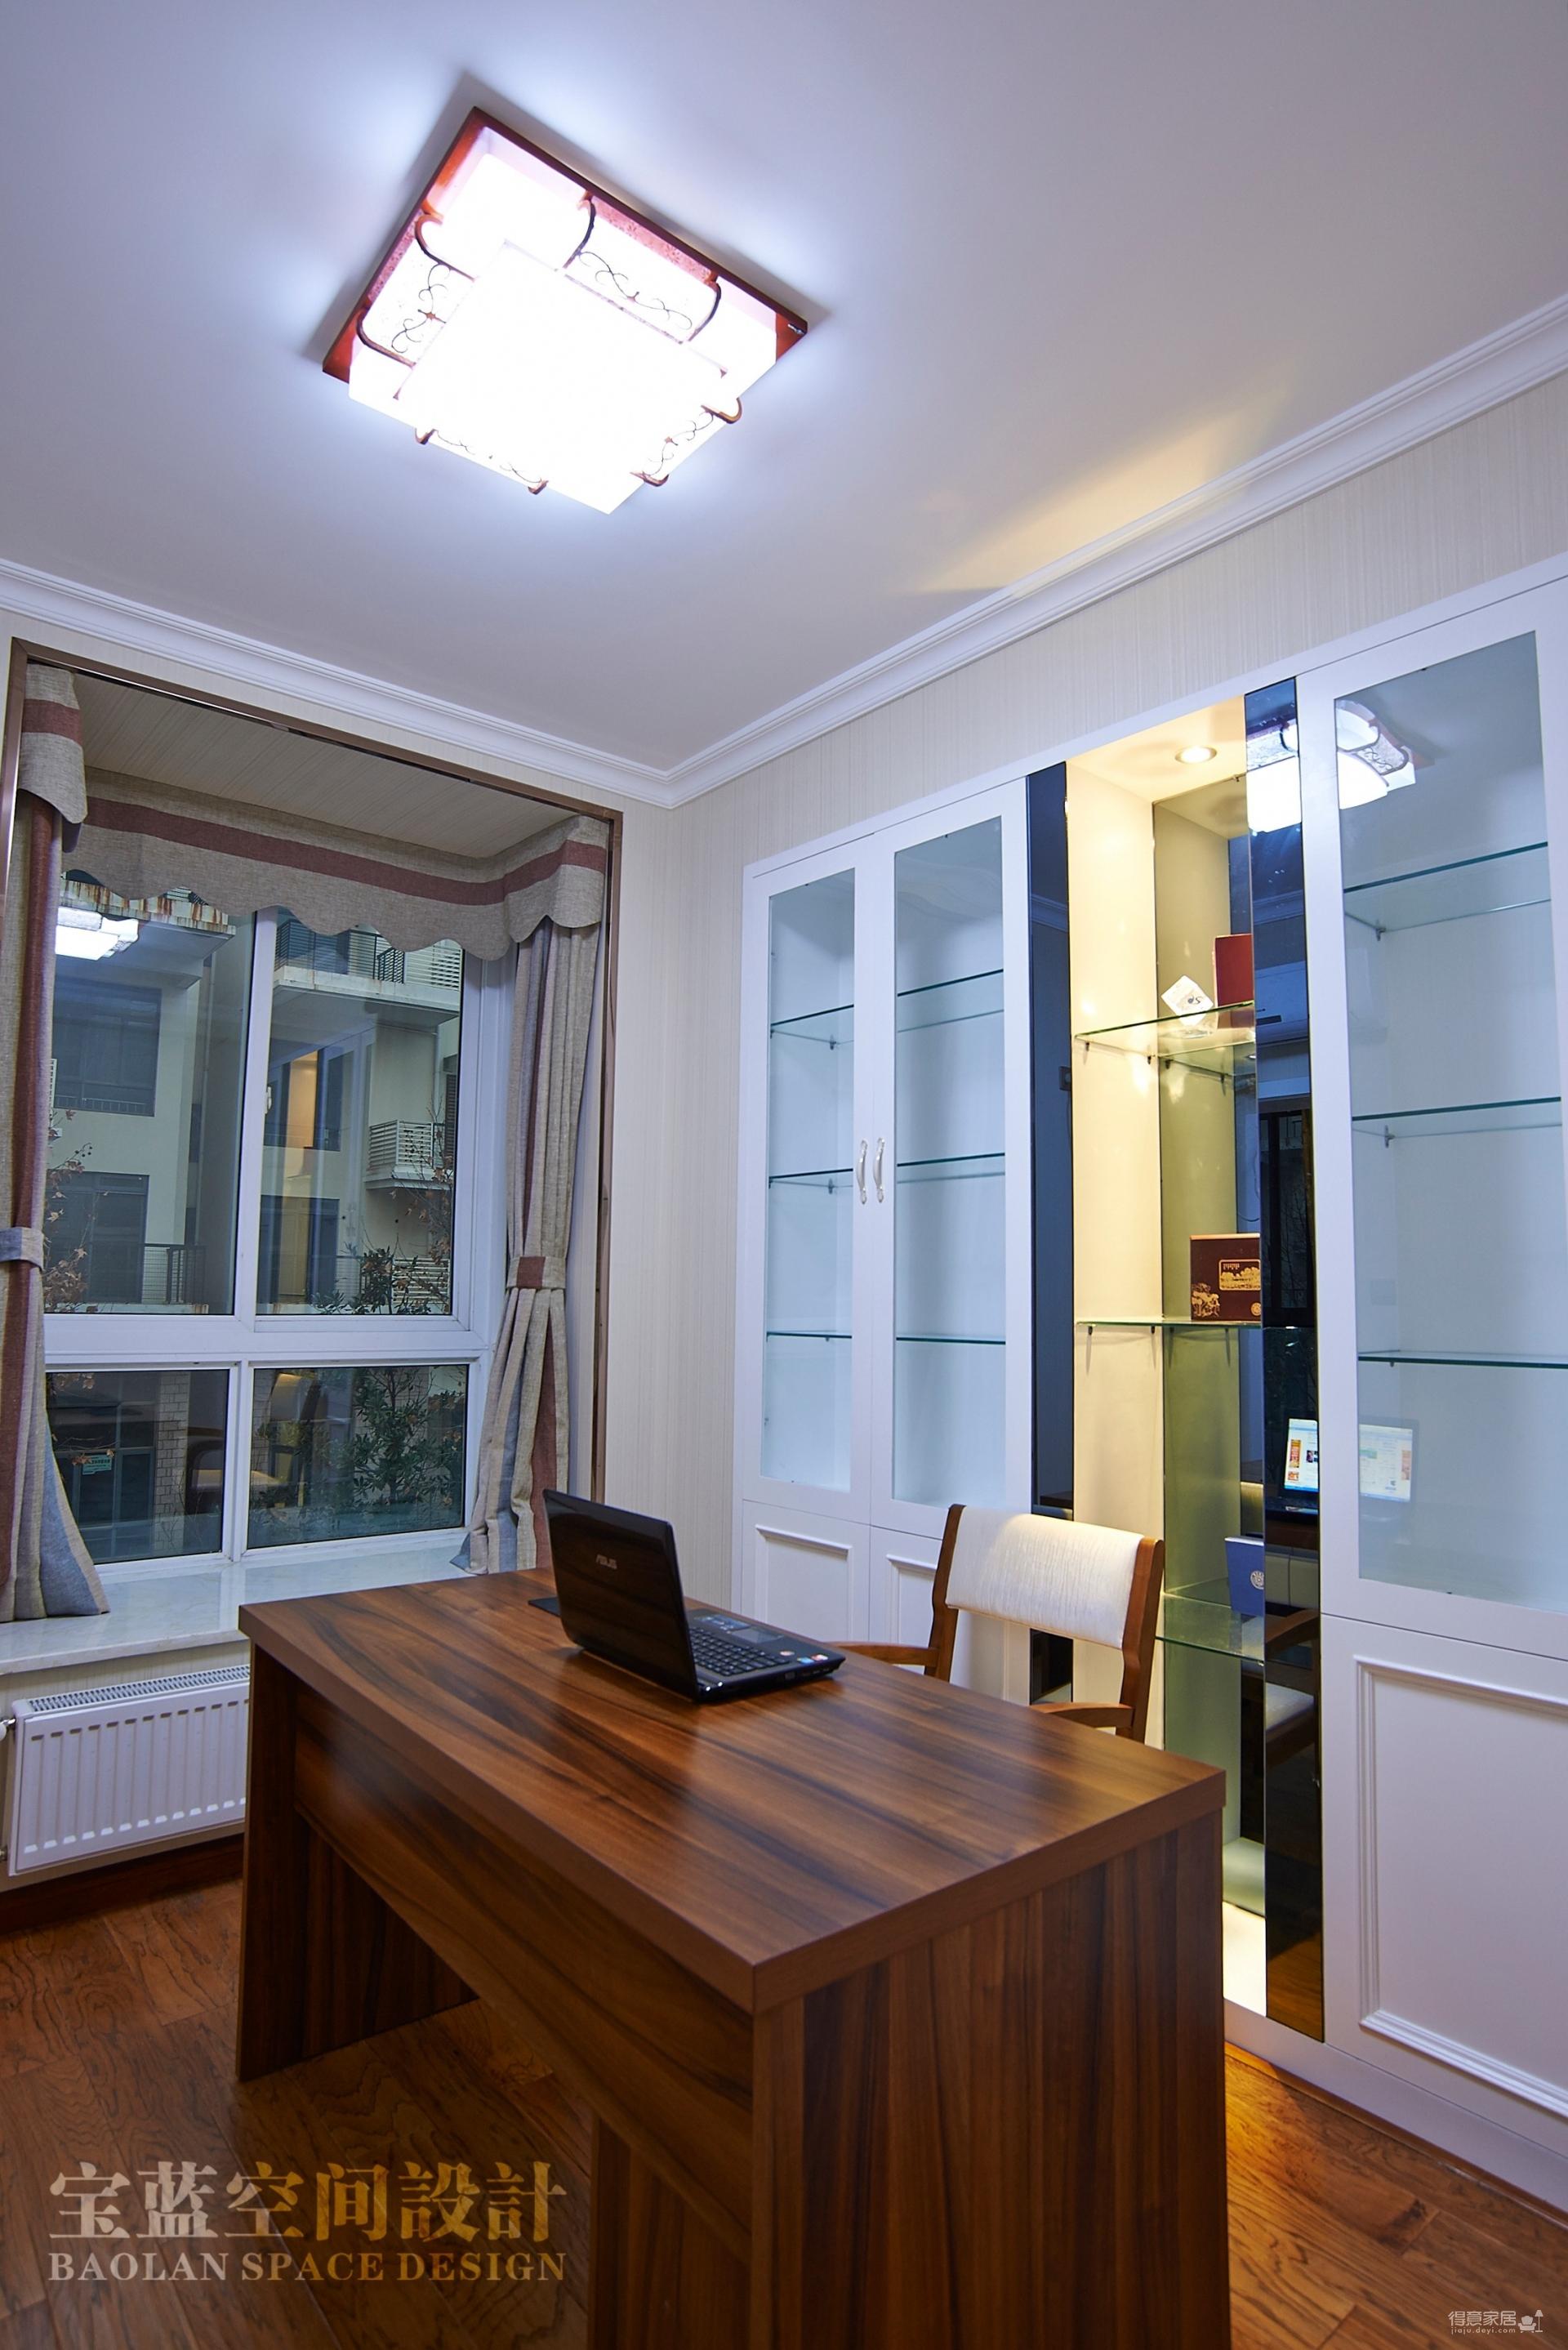 三层别墅-欧式风格-高端大气装修效果图_得意家居装修